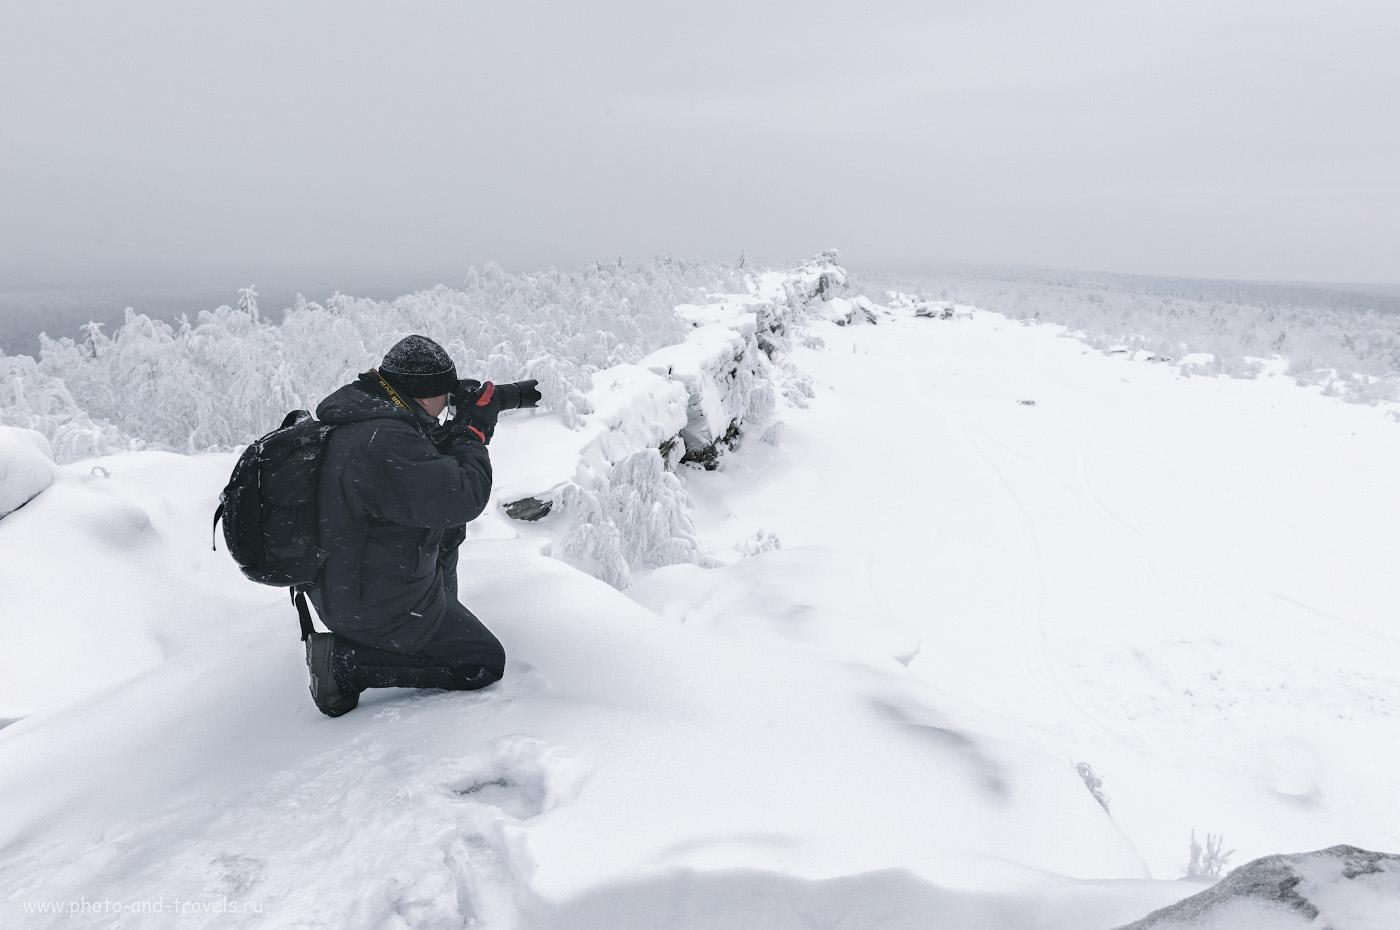 1. Фотограф на самой высокой точке скальной гряды - Водоразделе горы Крестовая. Камера Nikon D610. Объектив Nikon 24-70mm f/2.8G. Настройки: 1/250, 10.0, 1600, +1.67, 24.